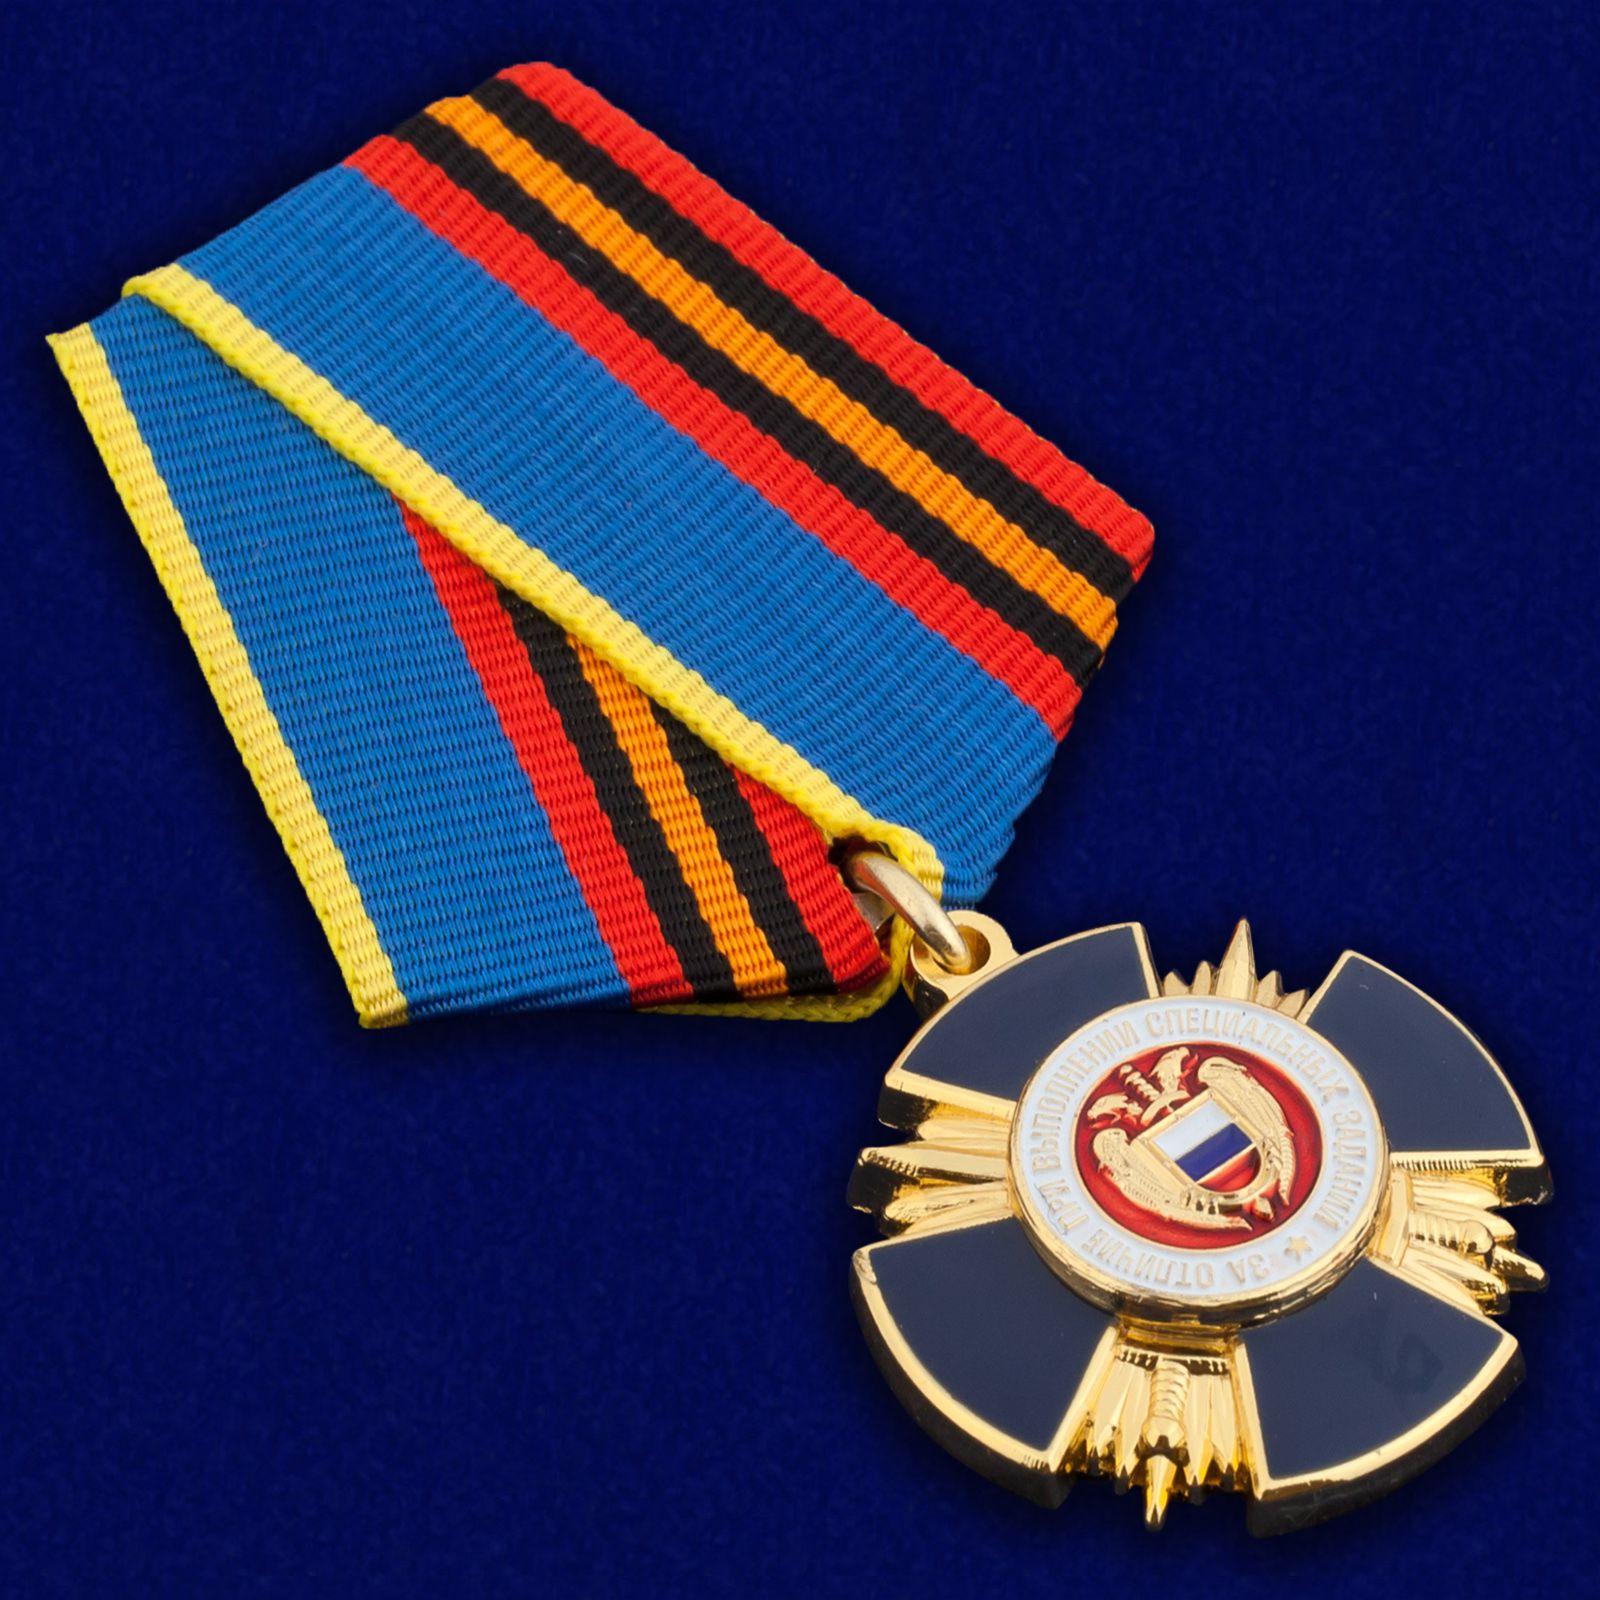 Медаль ФСО России За отличие при выполнении специальных заданий - общий вид